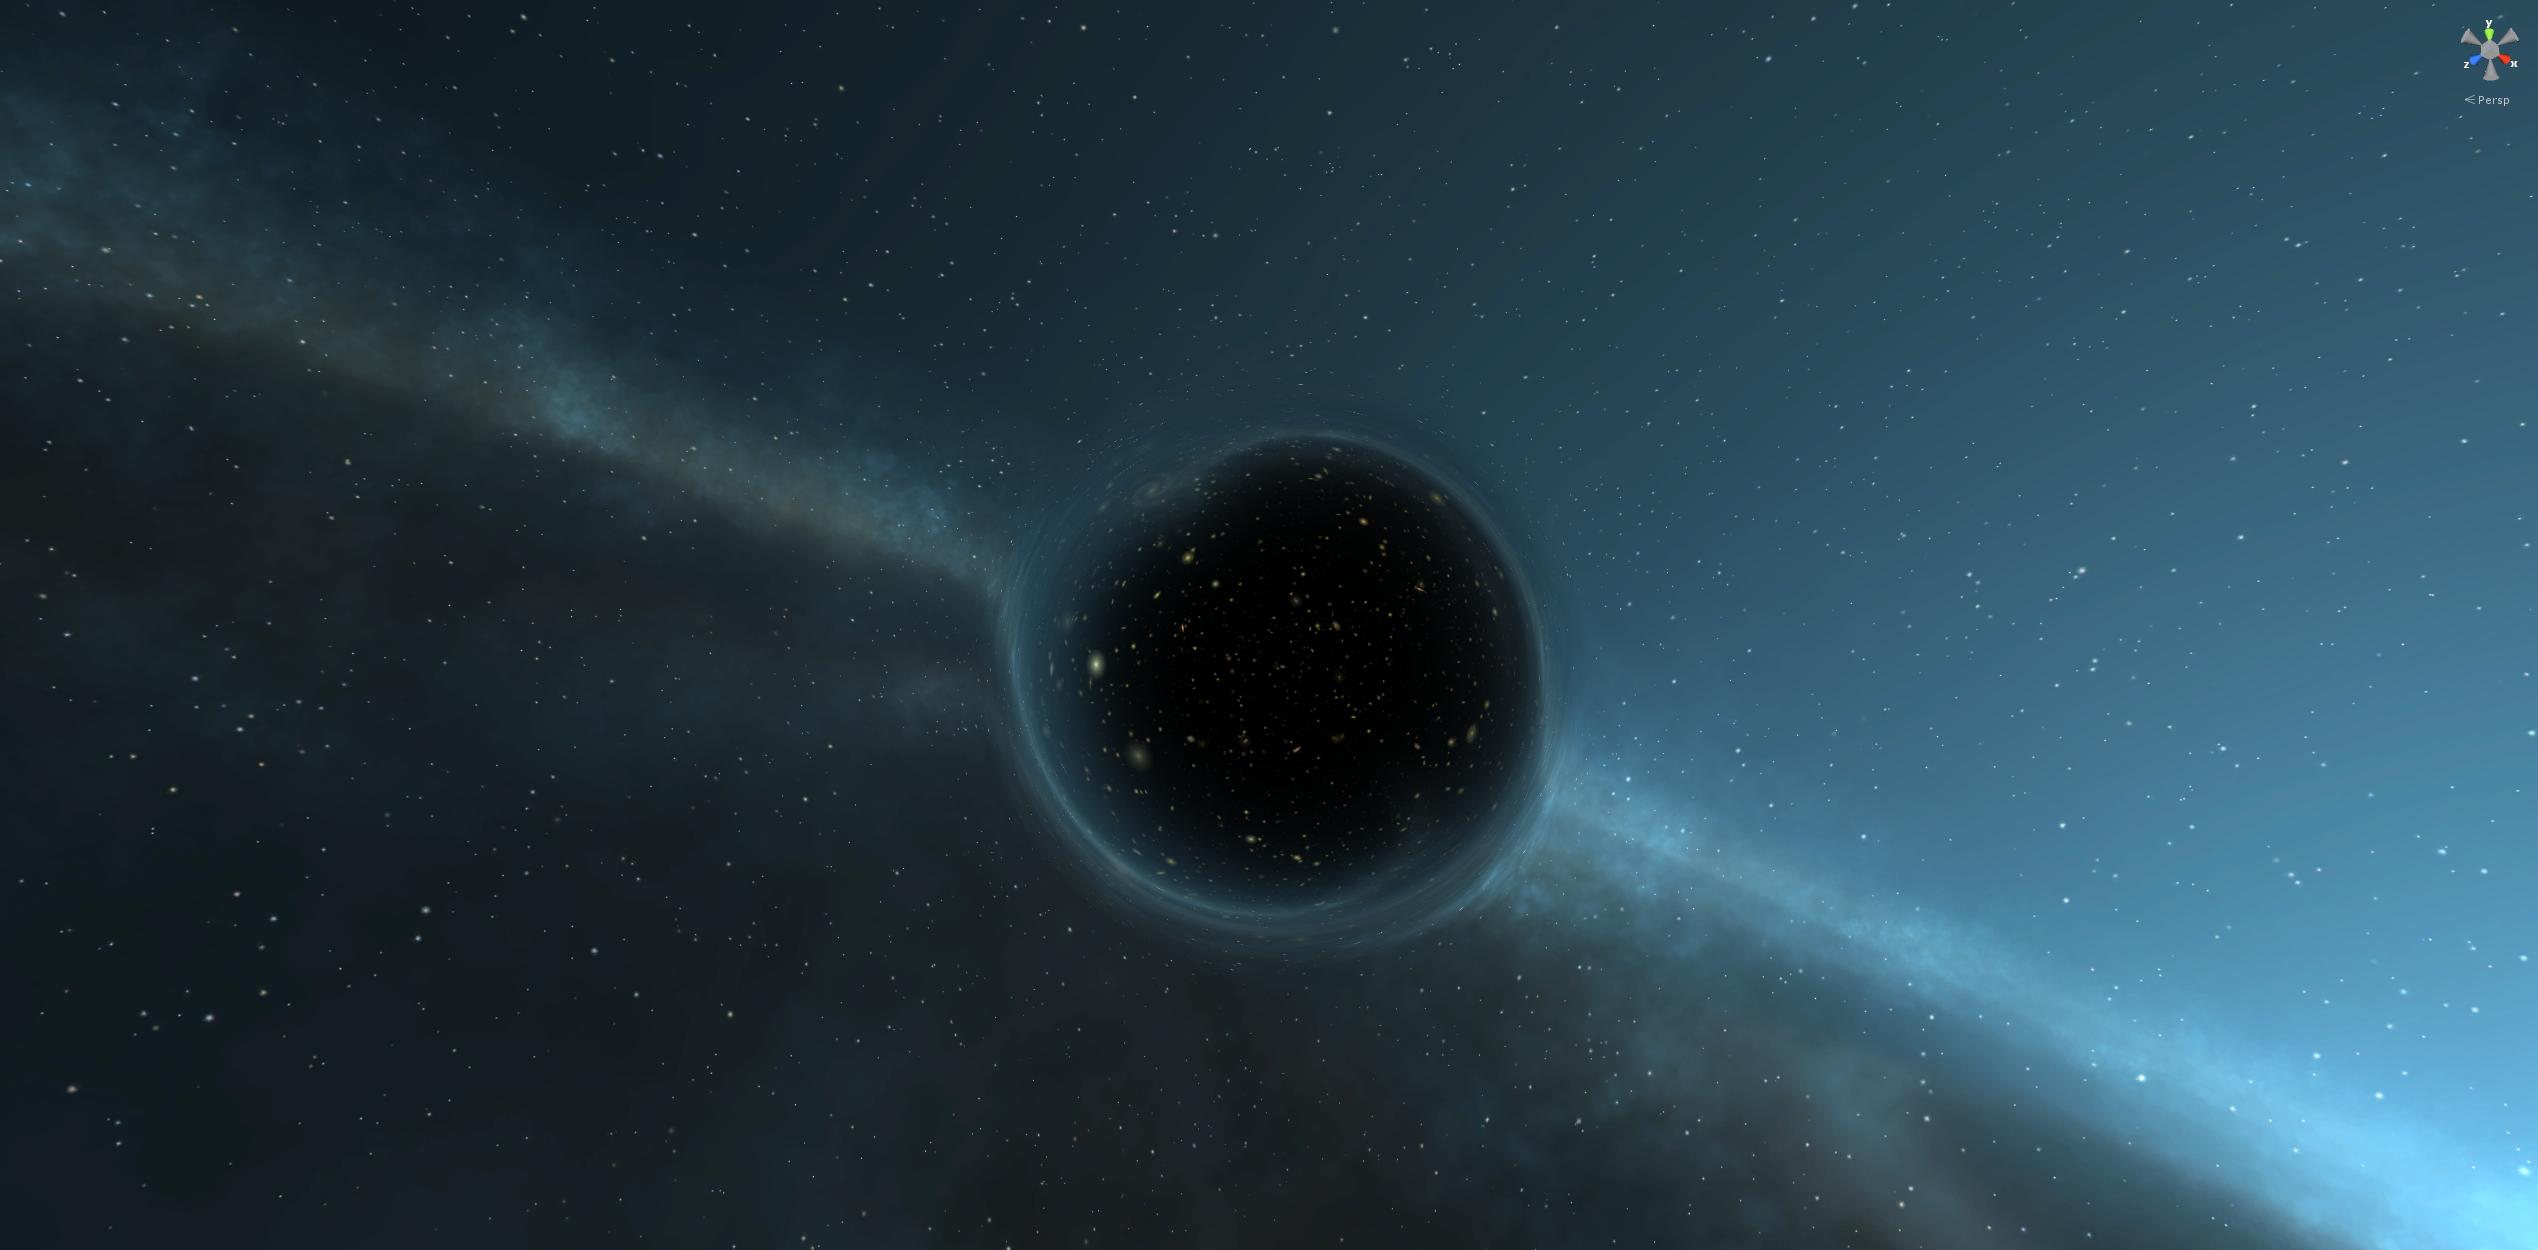 blackhole002.png